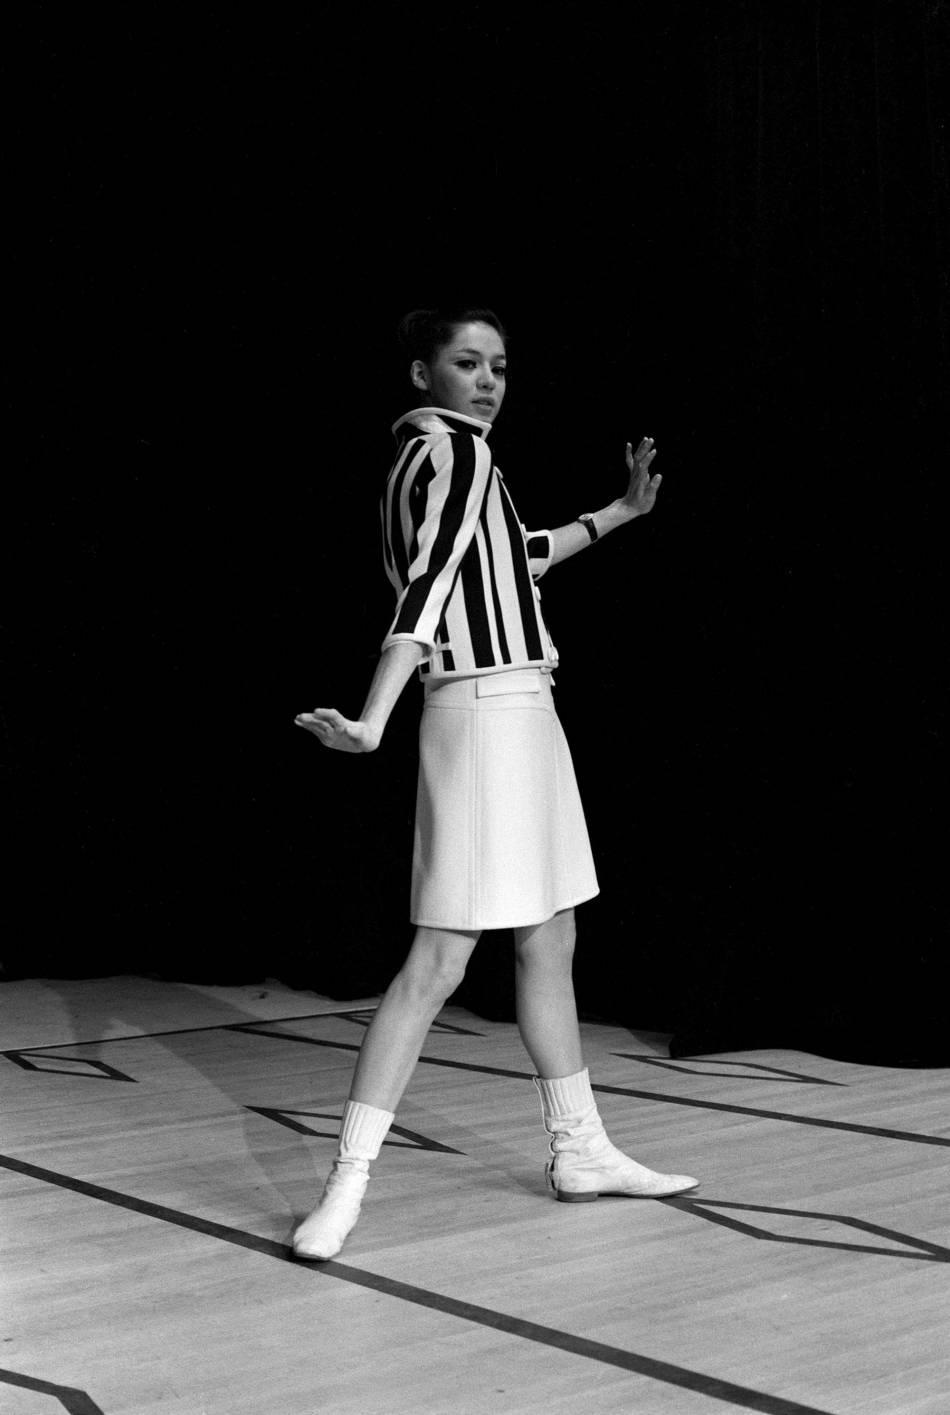 Mini jupe Courrèges, 1966.